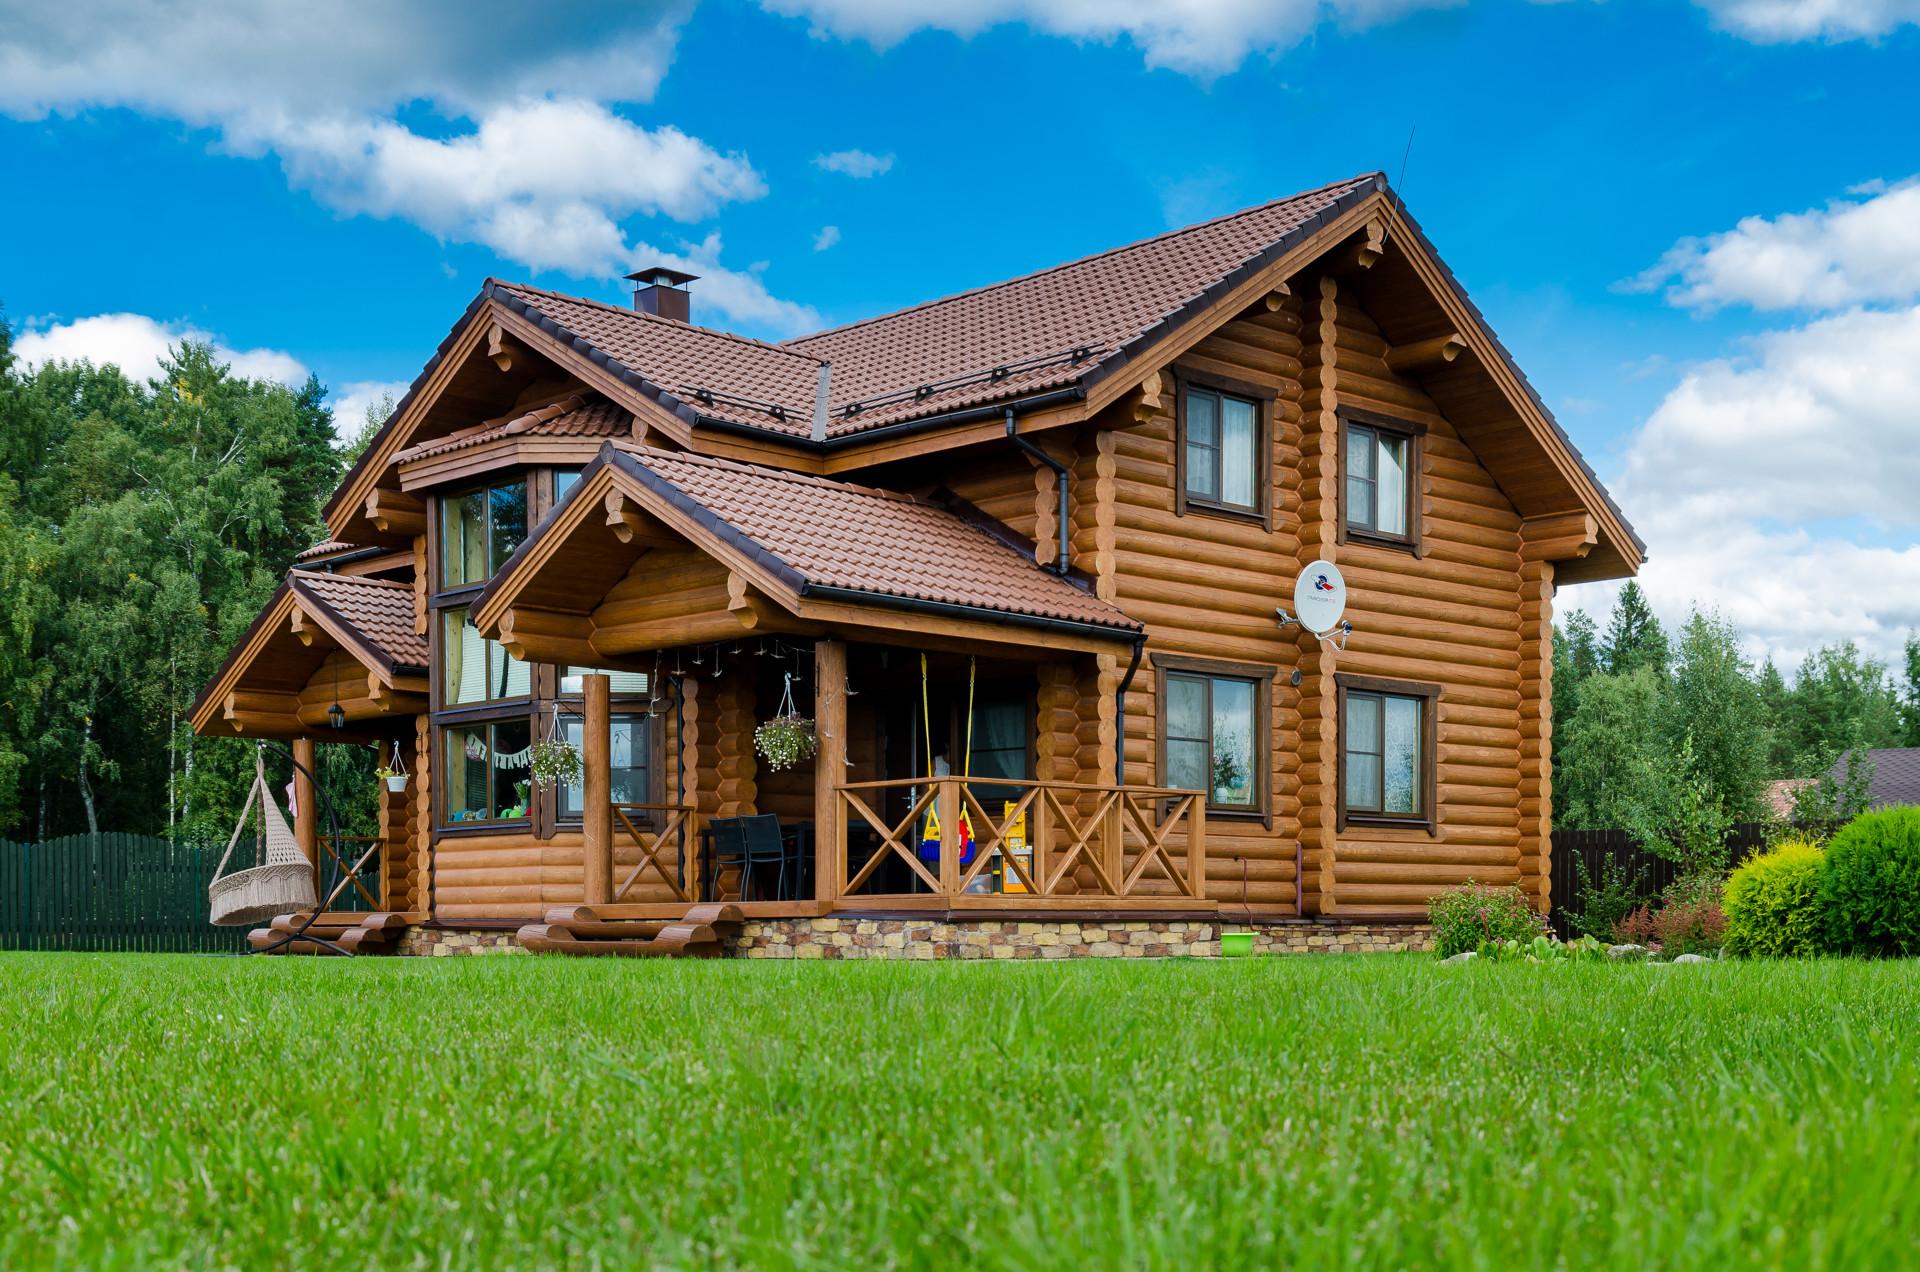 Системы охраны и сигнализации для частных домов, коттеджей и дач. HTVision.ru